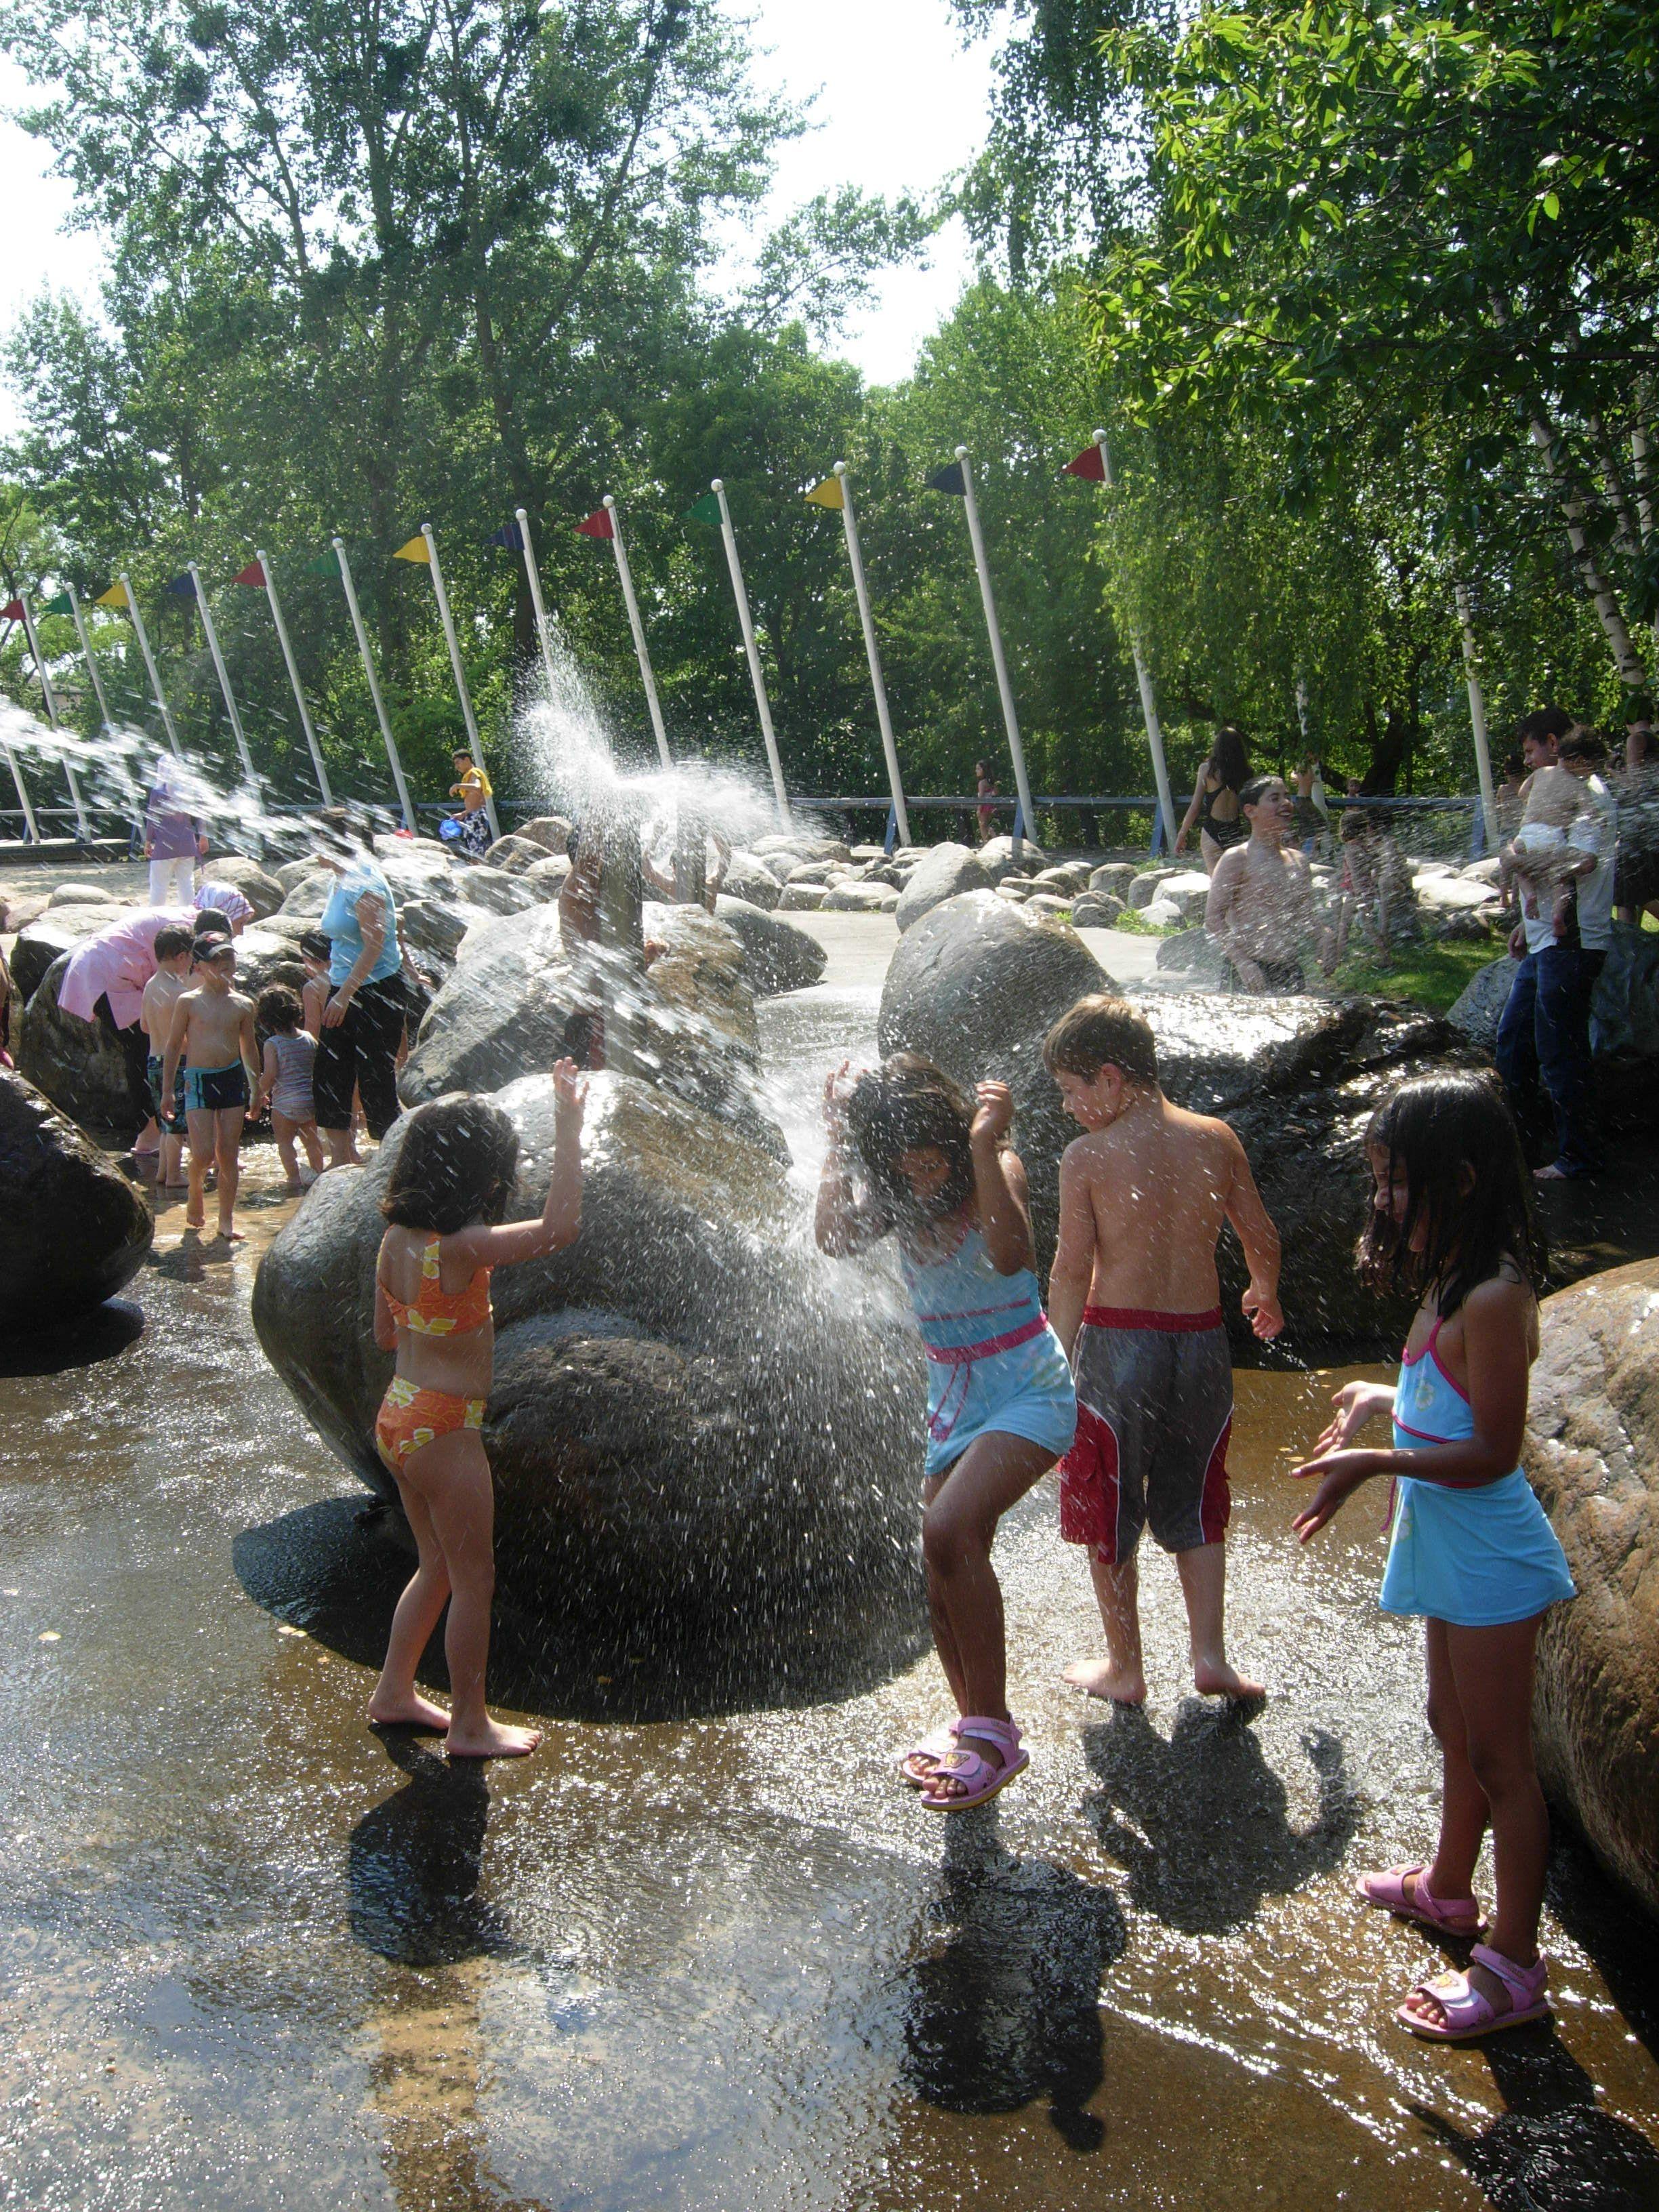 Garten berlin  Photo: Frode Svane. Water play in Britzer Garten - Berlin ...